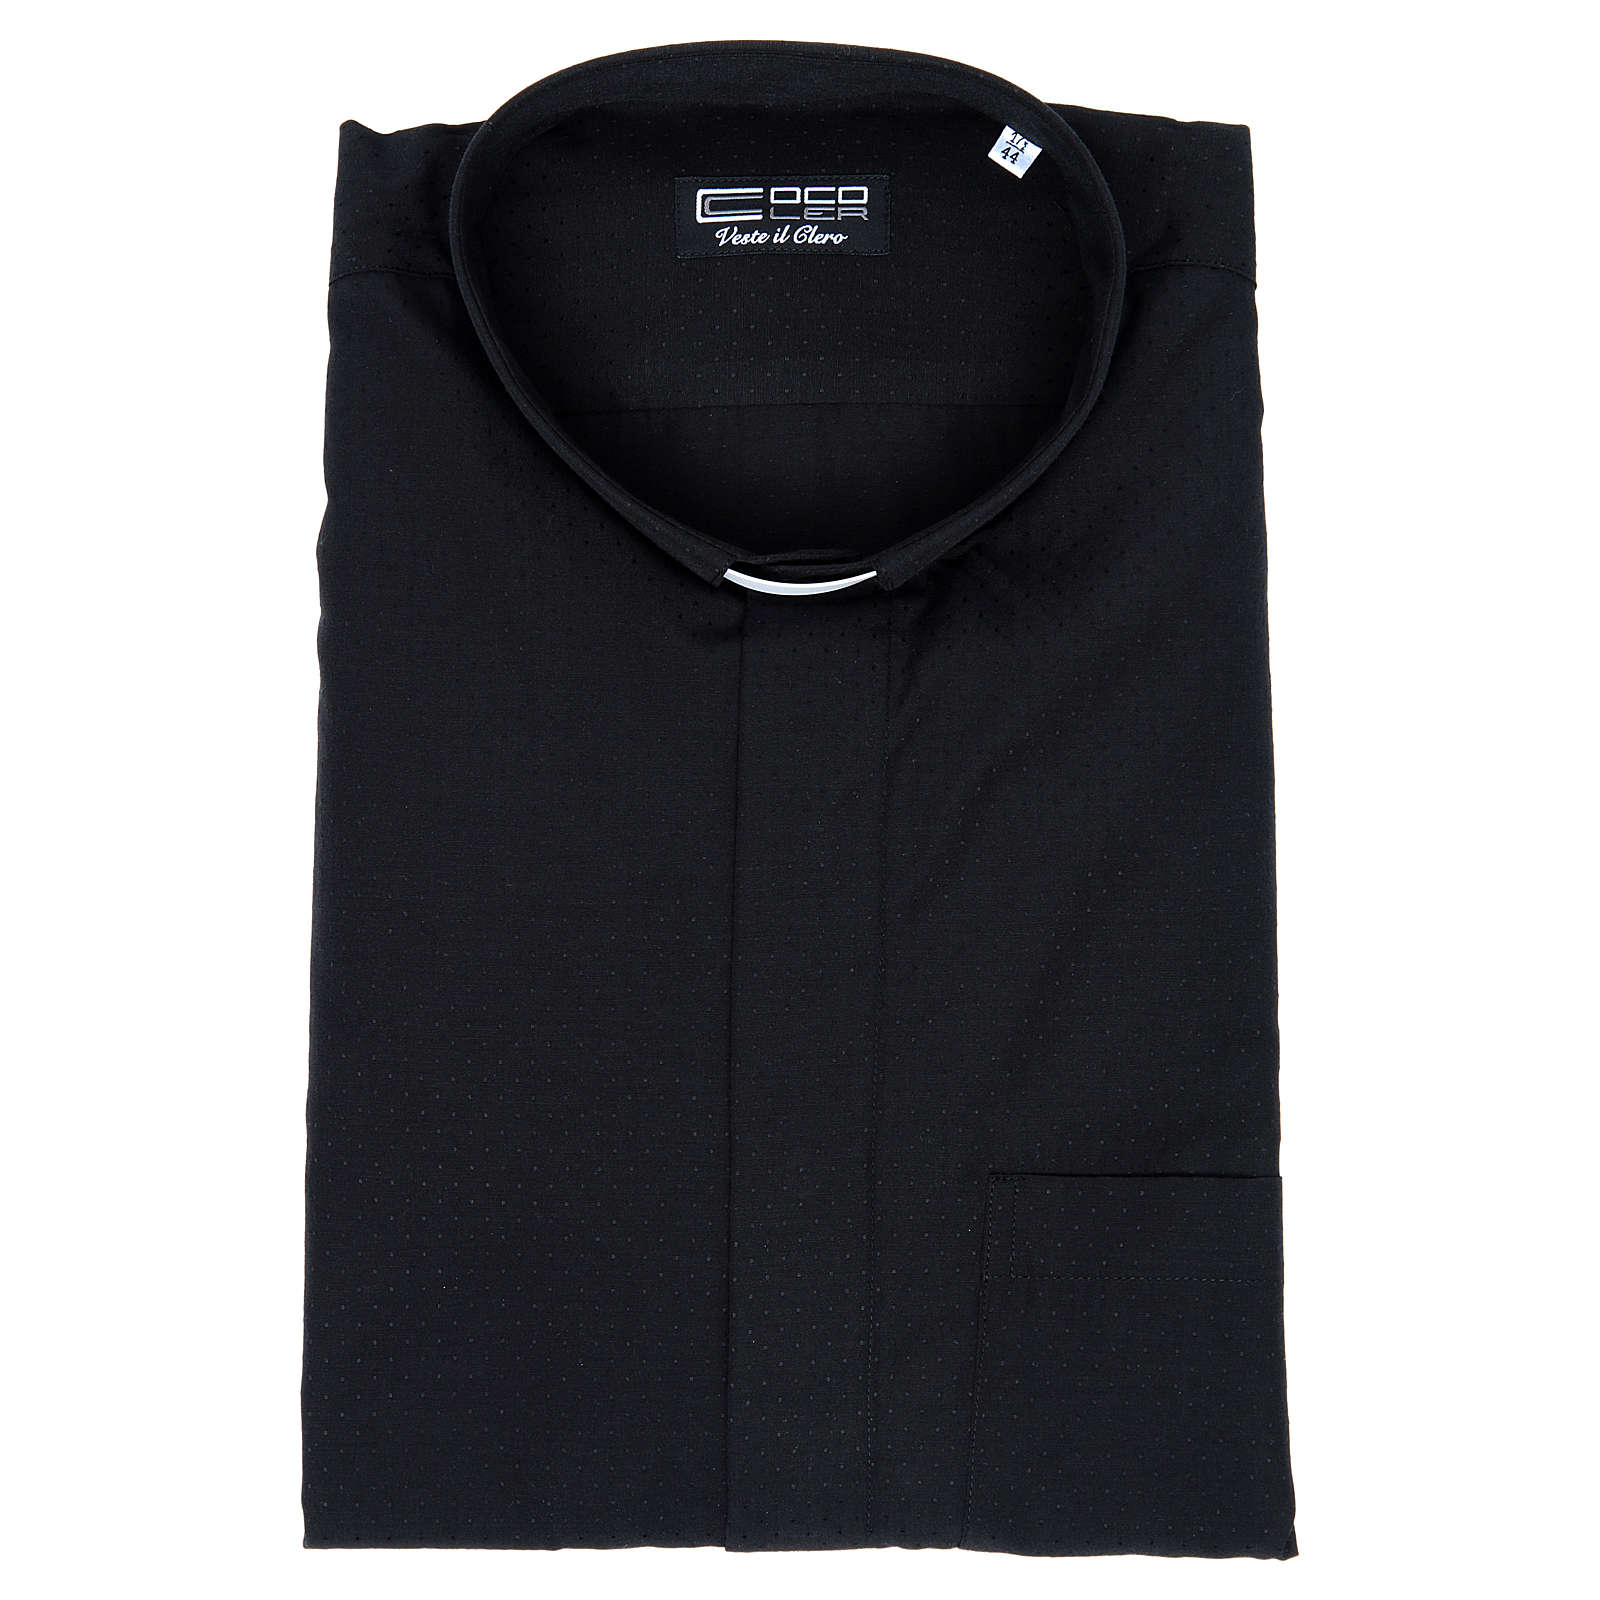 Camicia clergy cotone poliestere nero manica corta 4